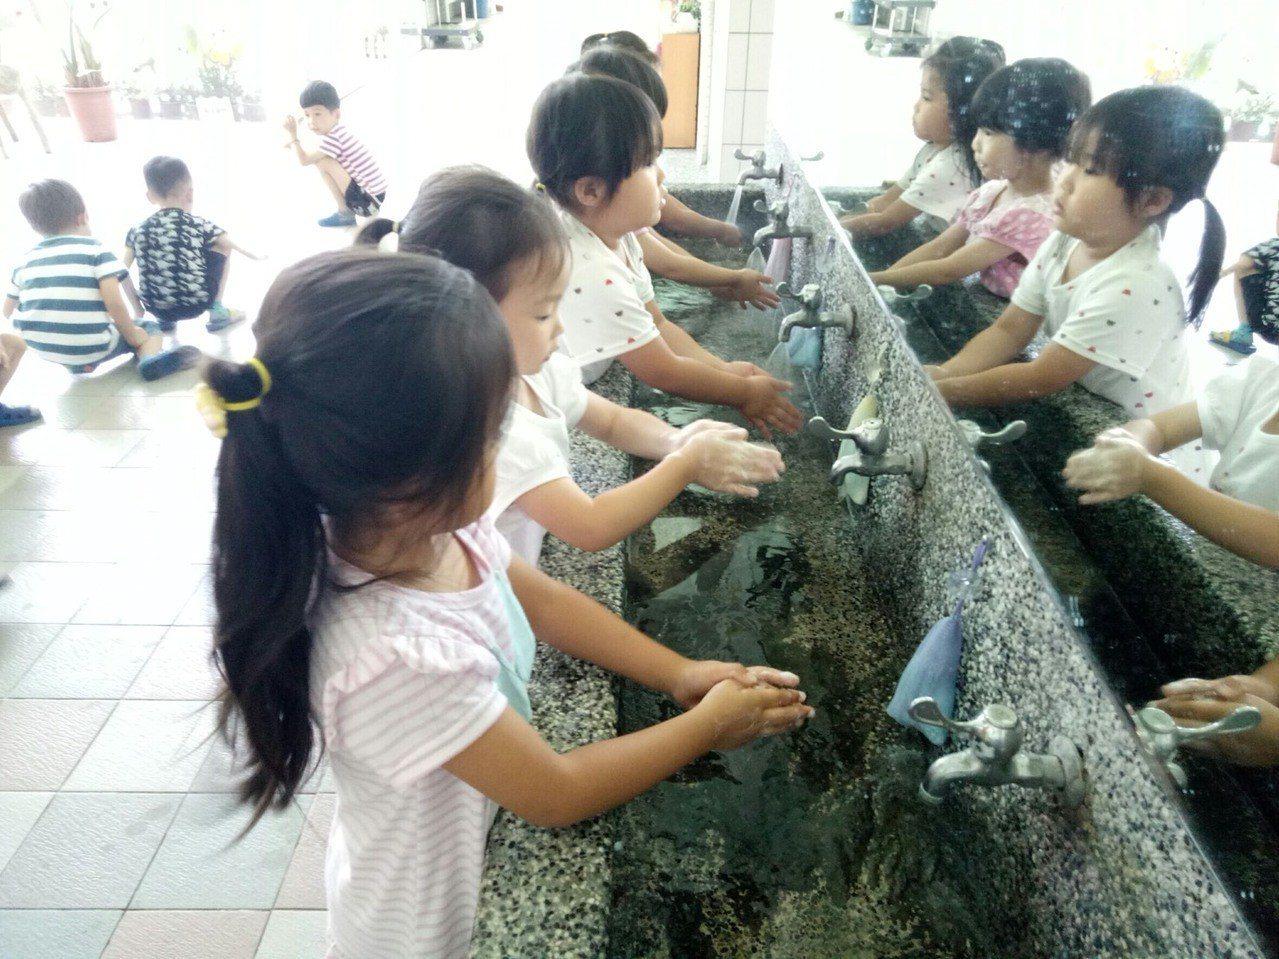 桃園市一名4歲女童檢驗感染腸病毒伊科病毒11型,衛生局呼籲,若家中有新生兒,返家...